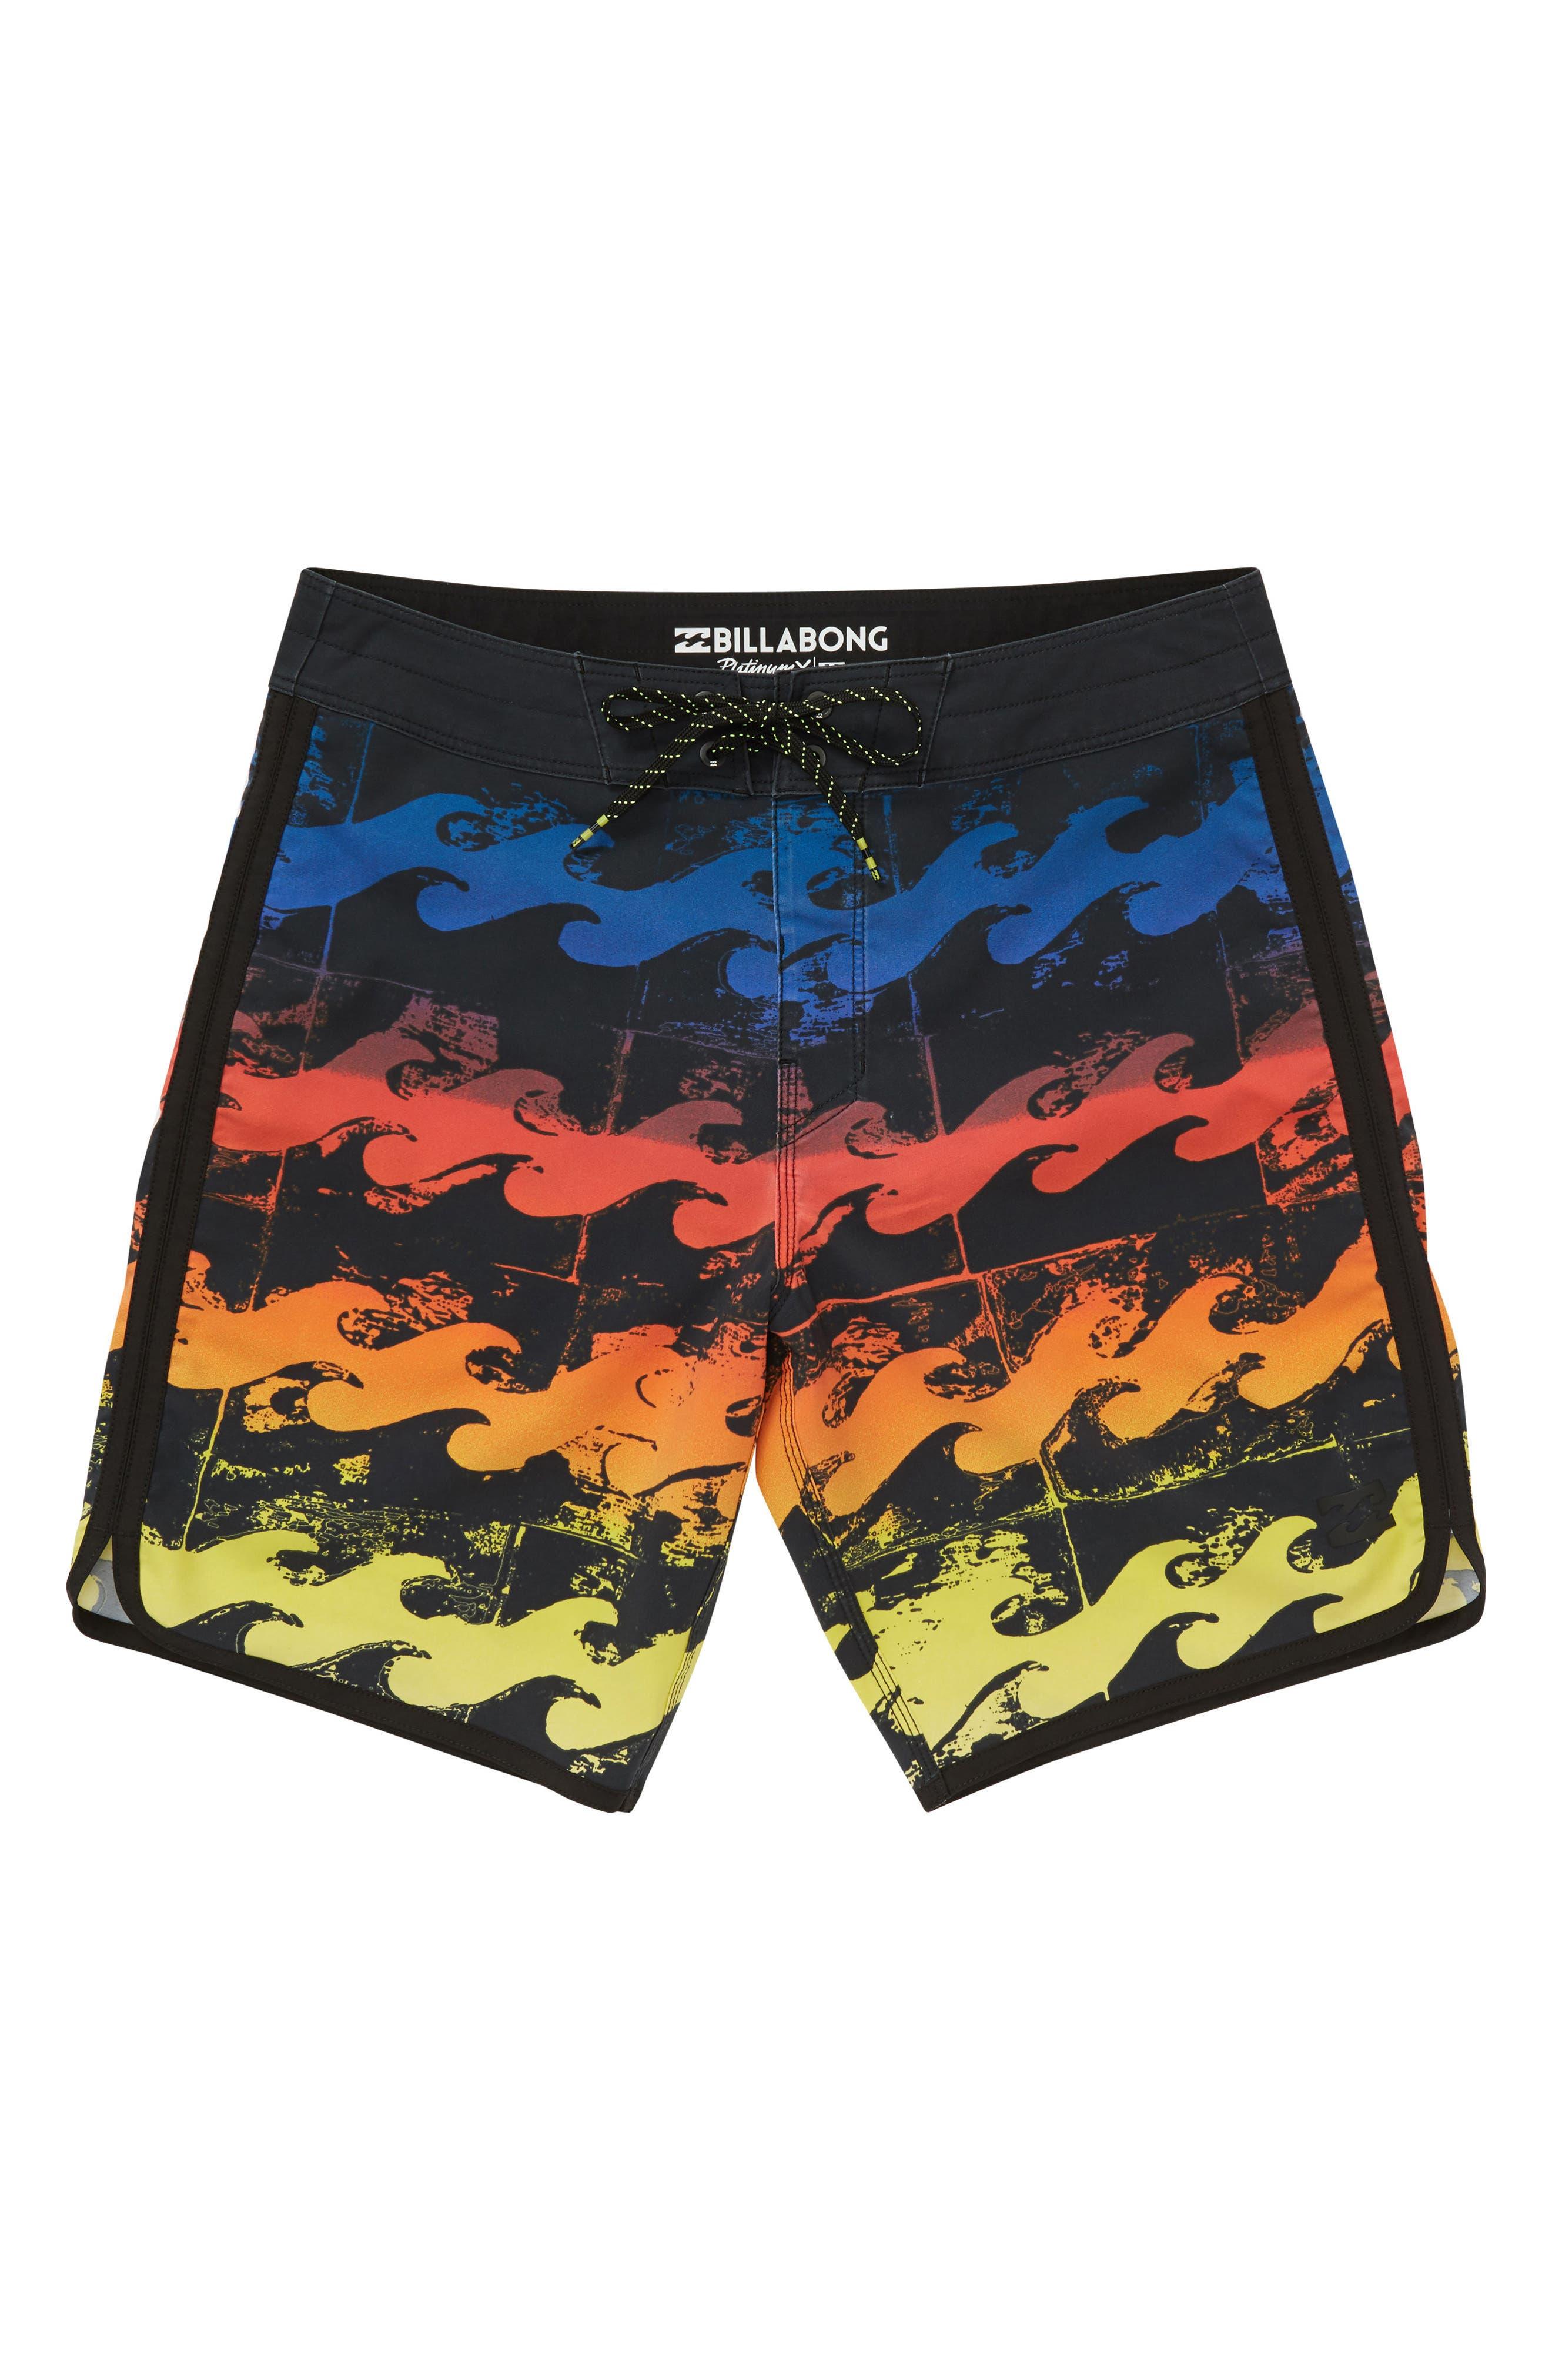 73 X Line Up Board Shorts,                             Main thumbnail 1, color,                             300